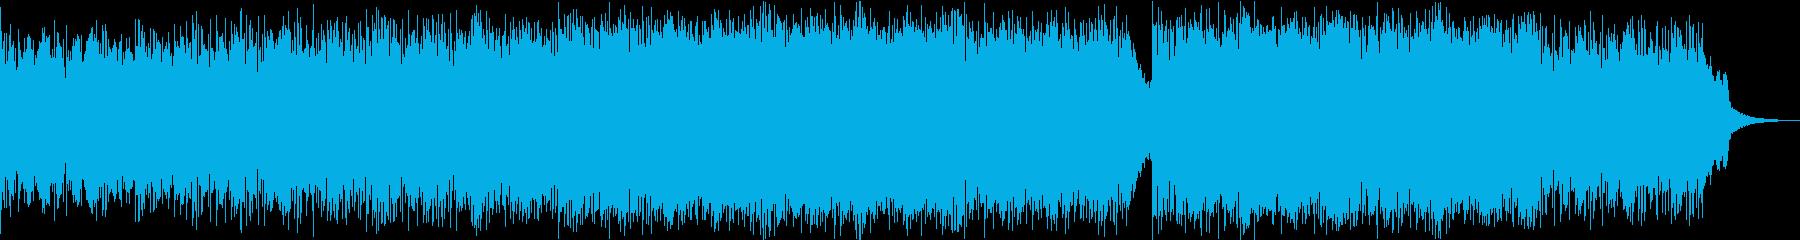 激しい、エピックなリズムのメタルBGMの再生済みの波形